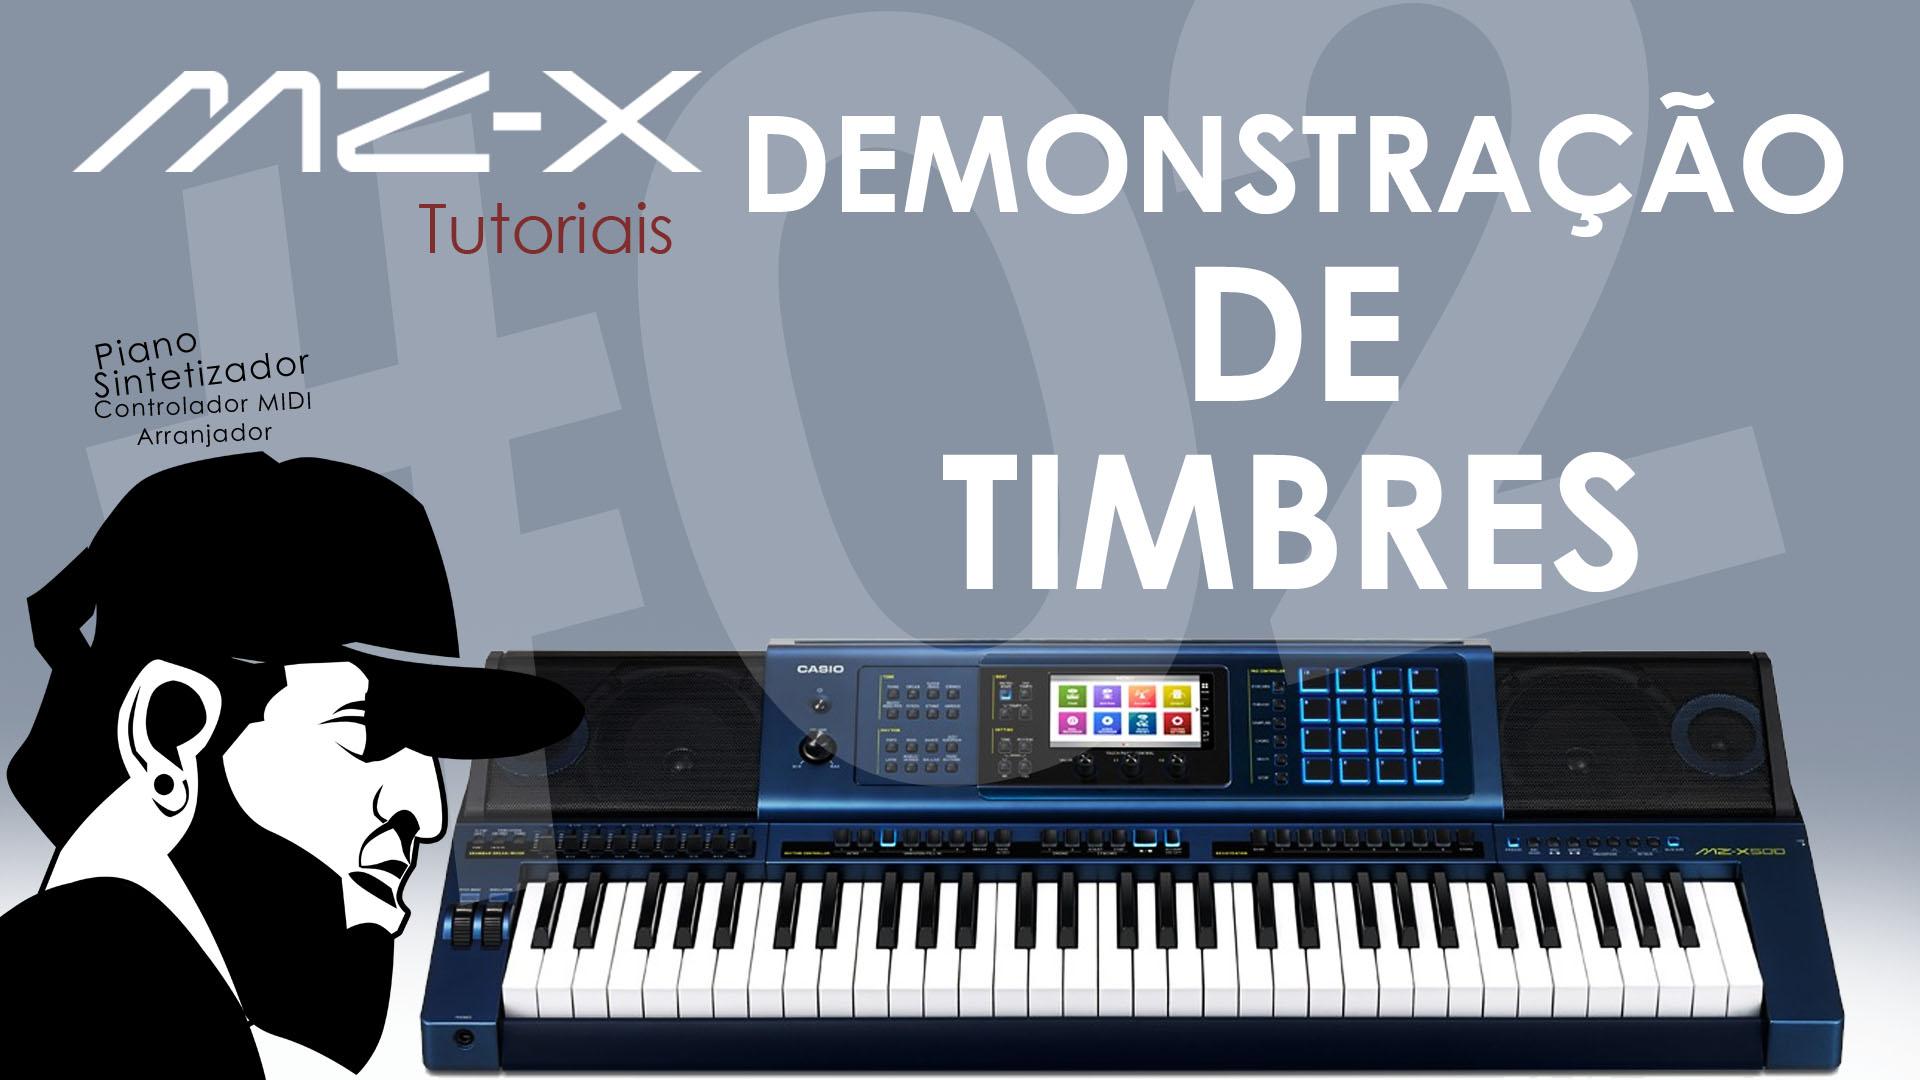 Demonstração Timbres  (Inclusive Órgãos Drawbar) | Tudo Sobre O Casio MZ-X500